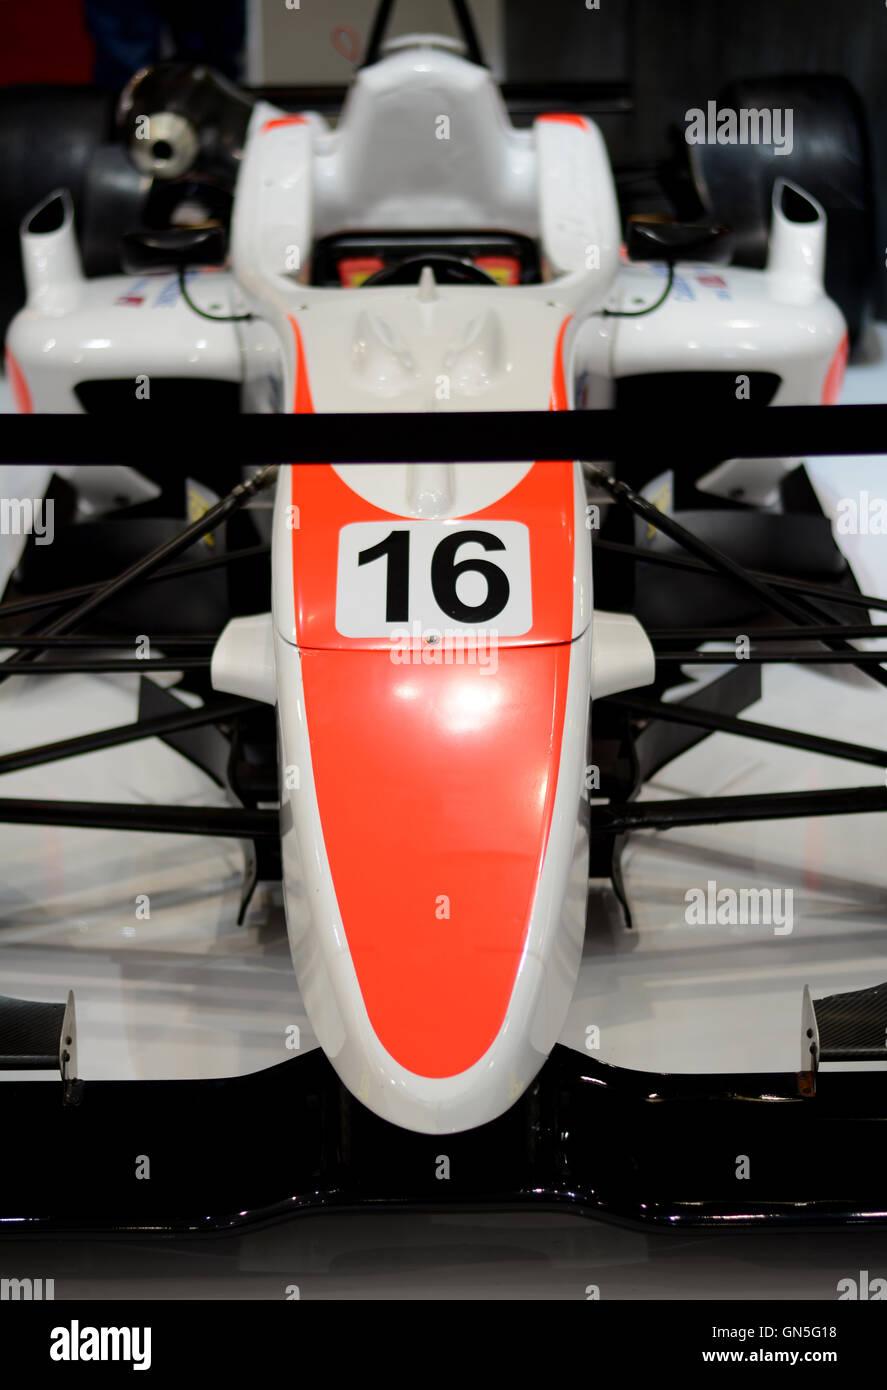 Formula 1 car, formula one car exhibition - Stock Image